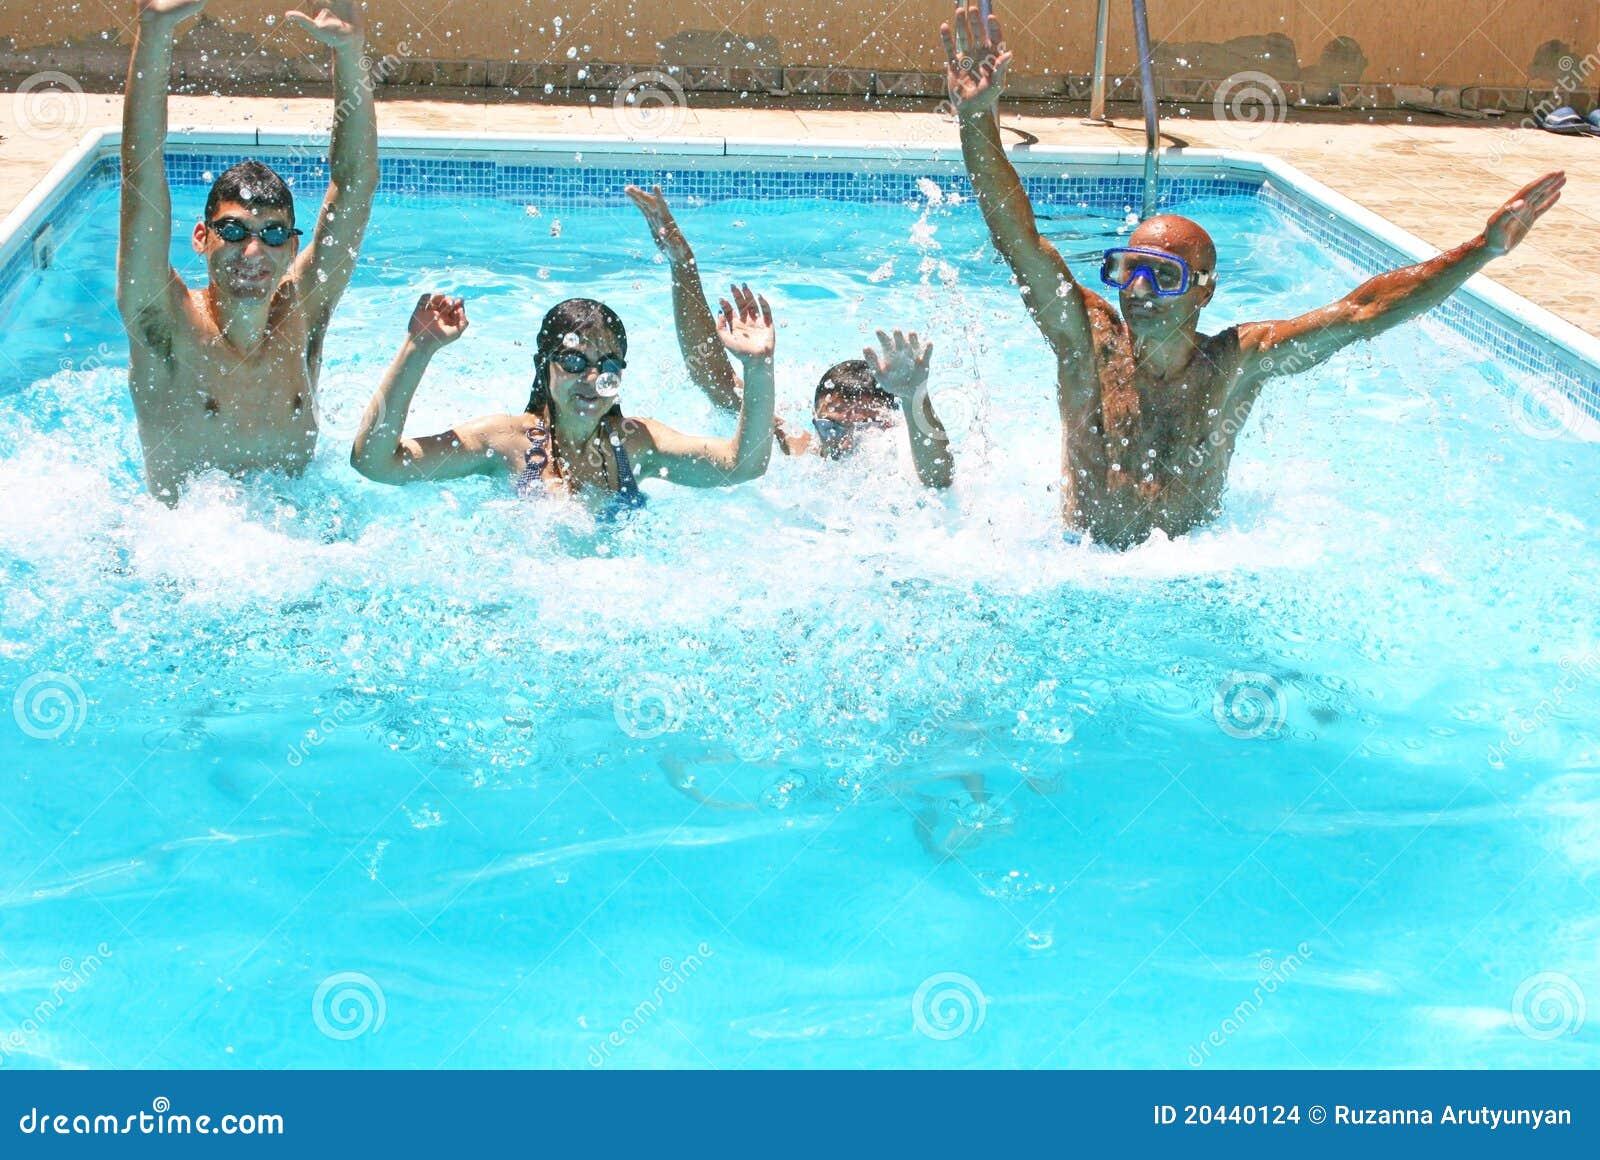 Gente en piscina imagenes de archivo imagen 20440124 for Piscina z